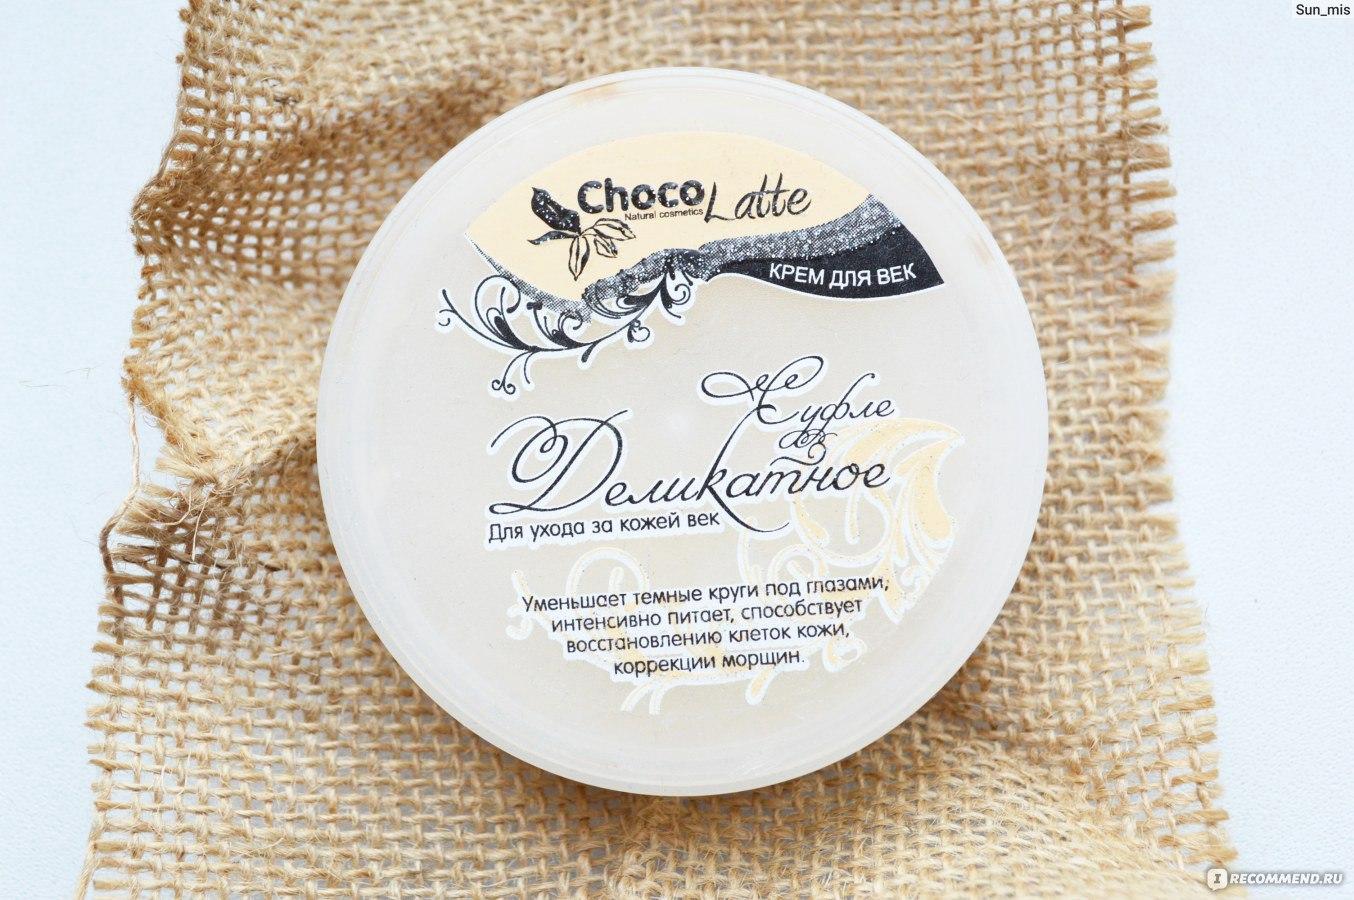 Косметика шоколатте купить в уфе today духи женские